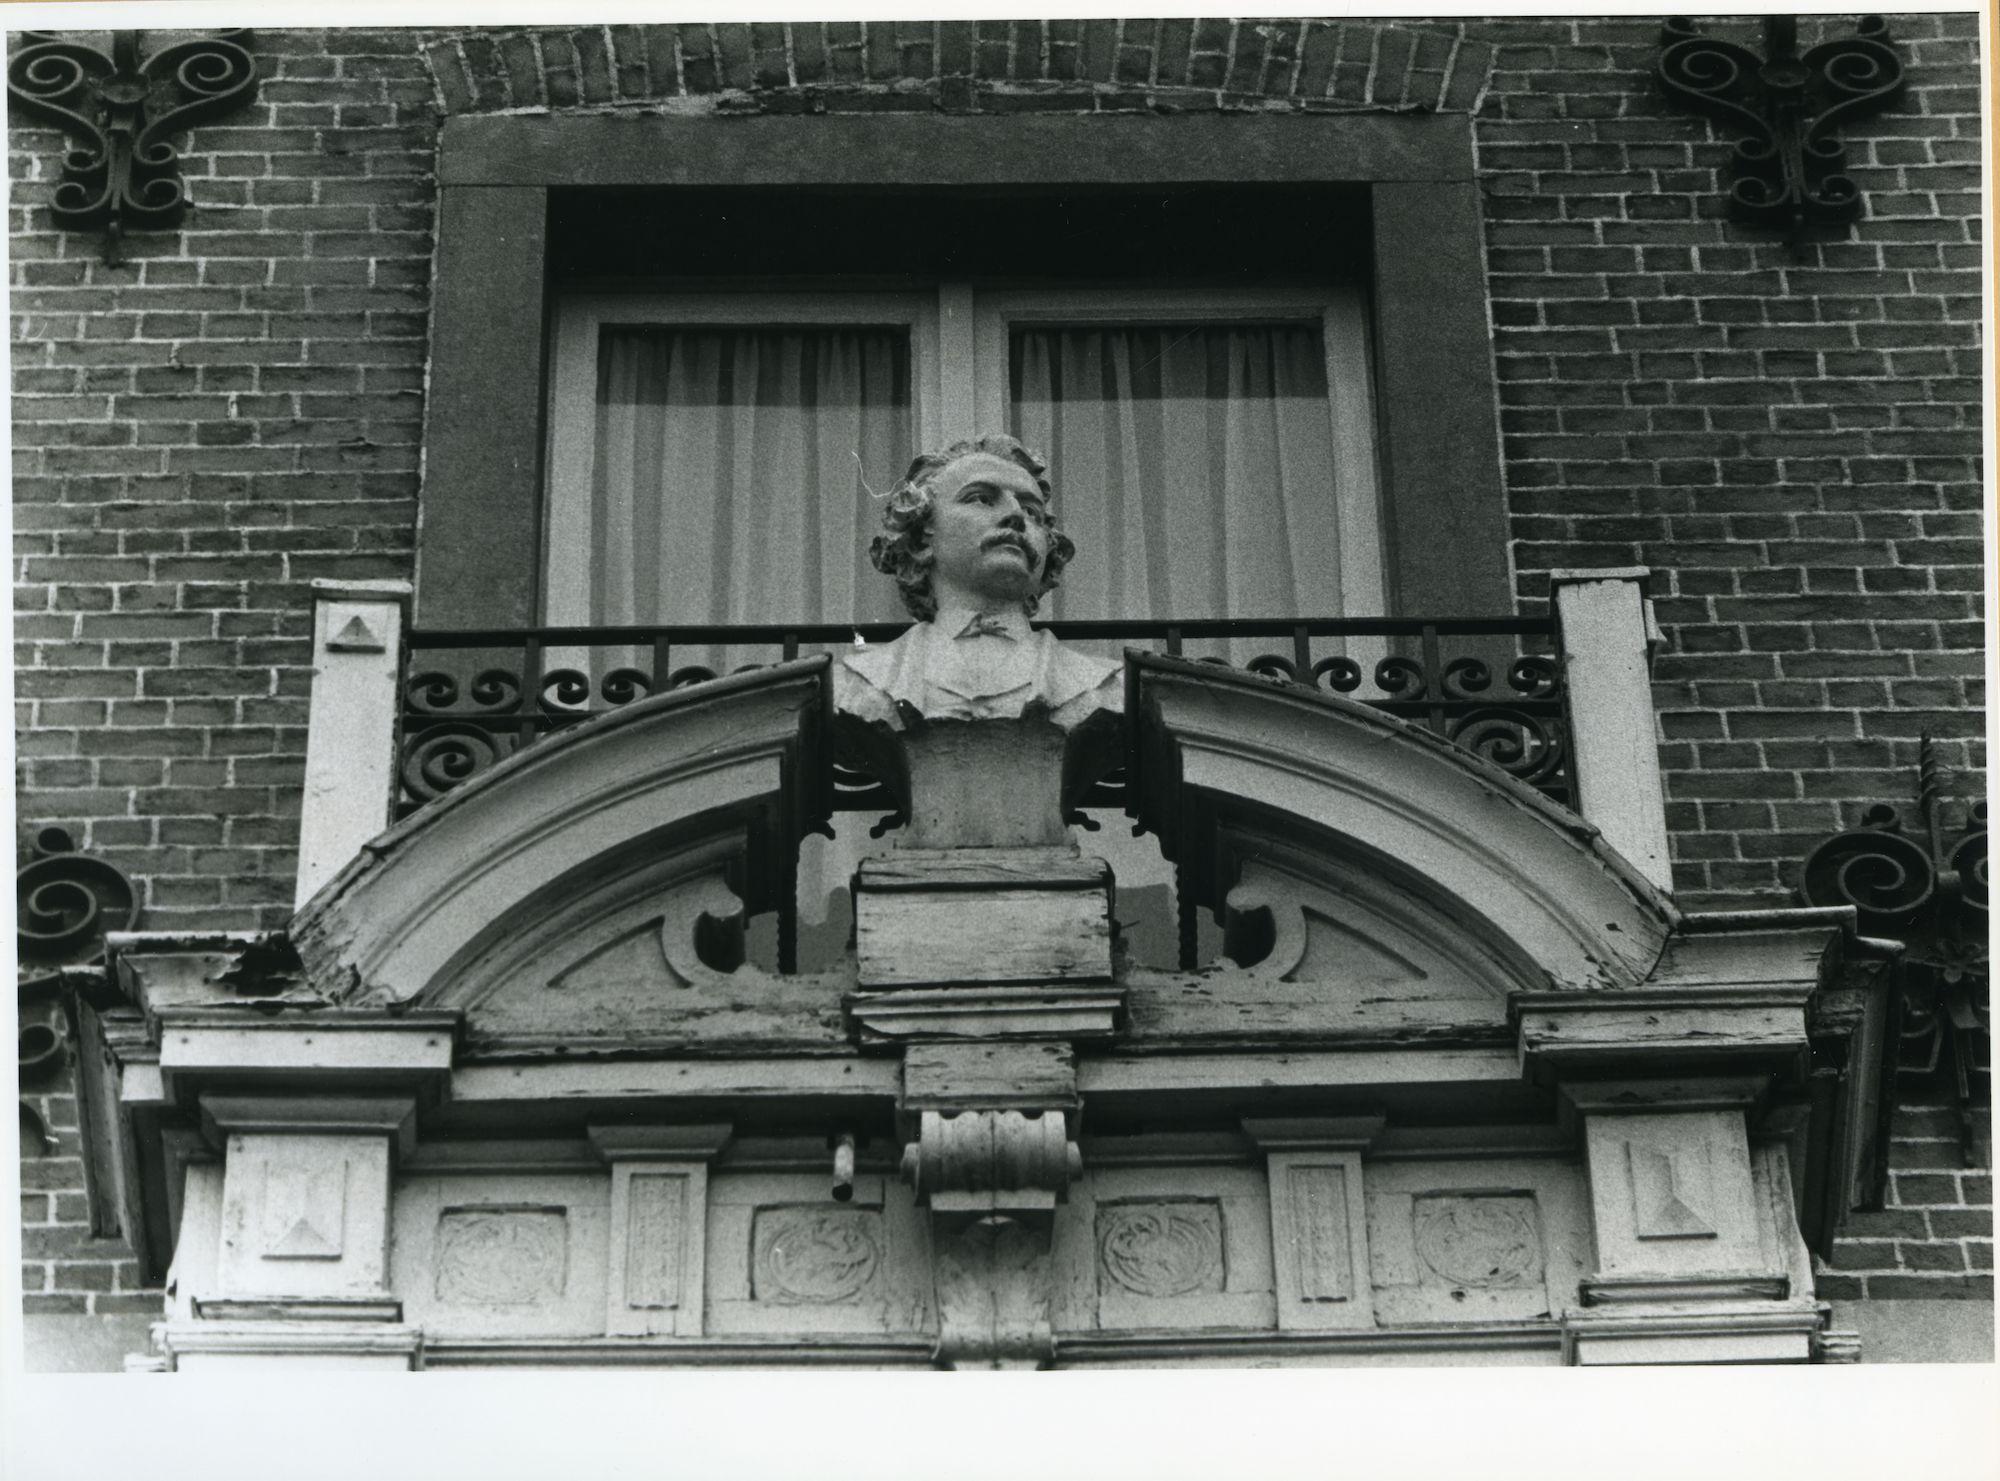 Gent: Vlaamse Kaai 57: Borstbeeld, 1979